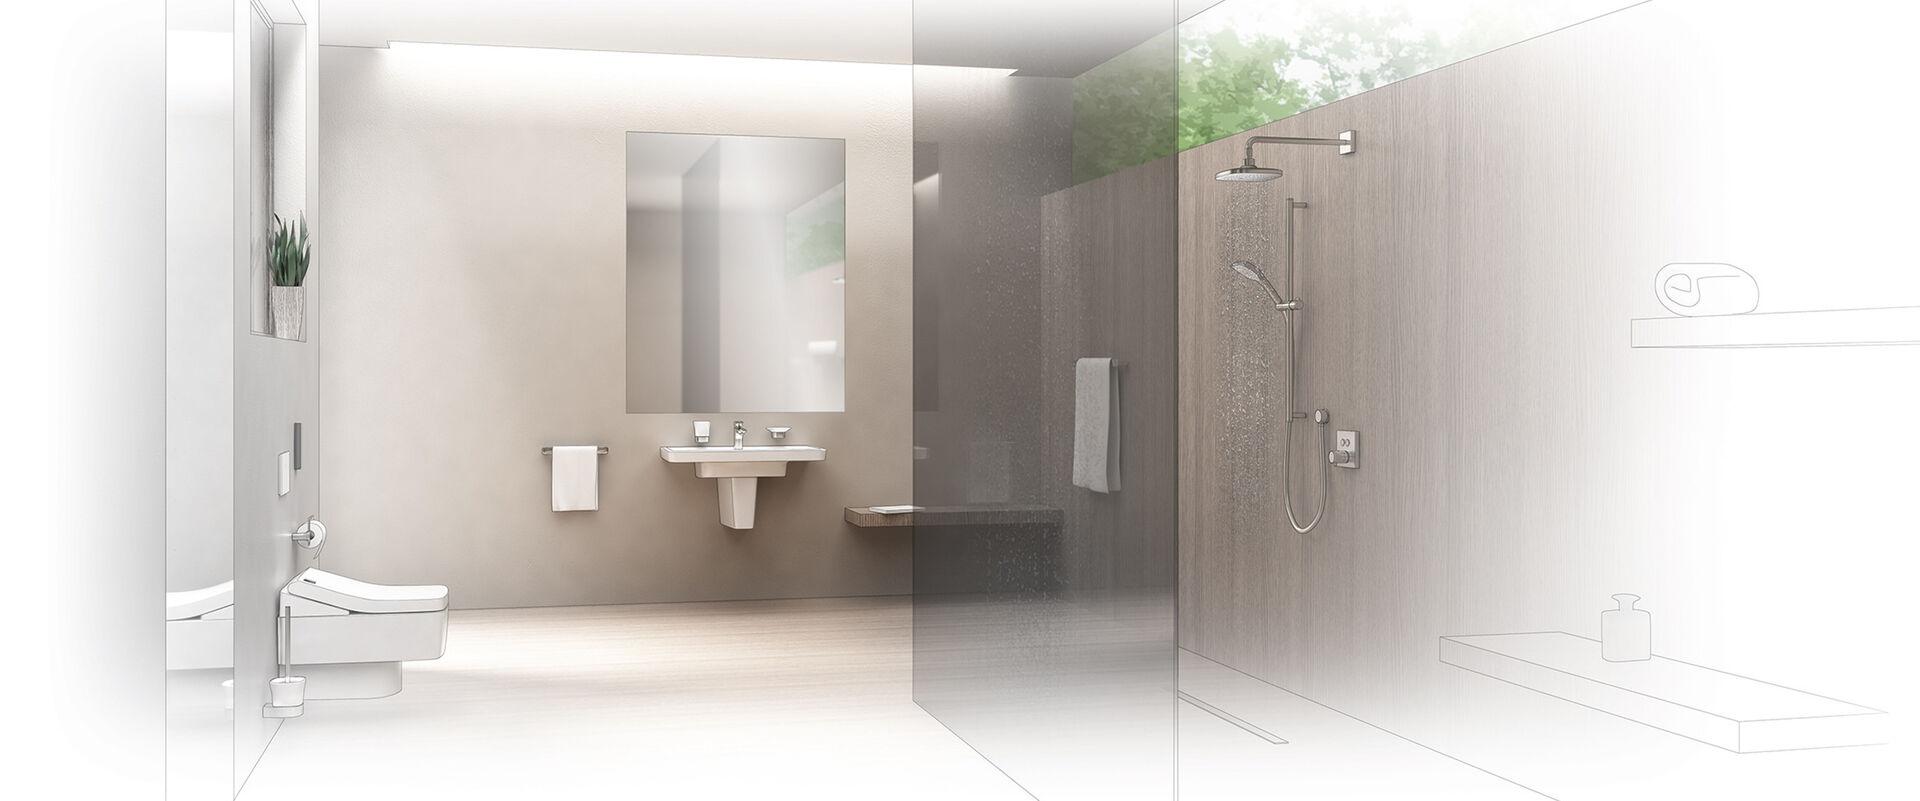 toto badserie keine kompromisse bei barrierefreien b dern. Black Bedroom Furniture Sets. Home Design Ideas